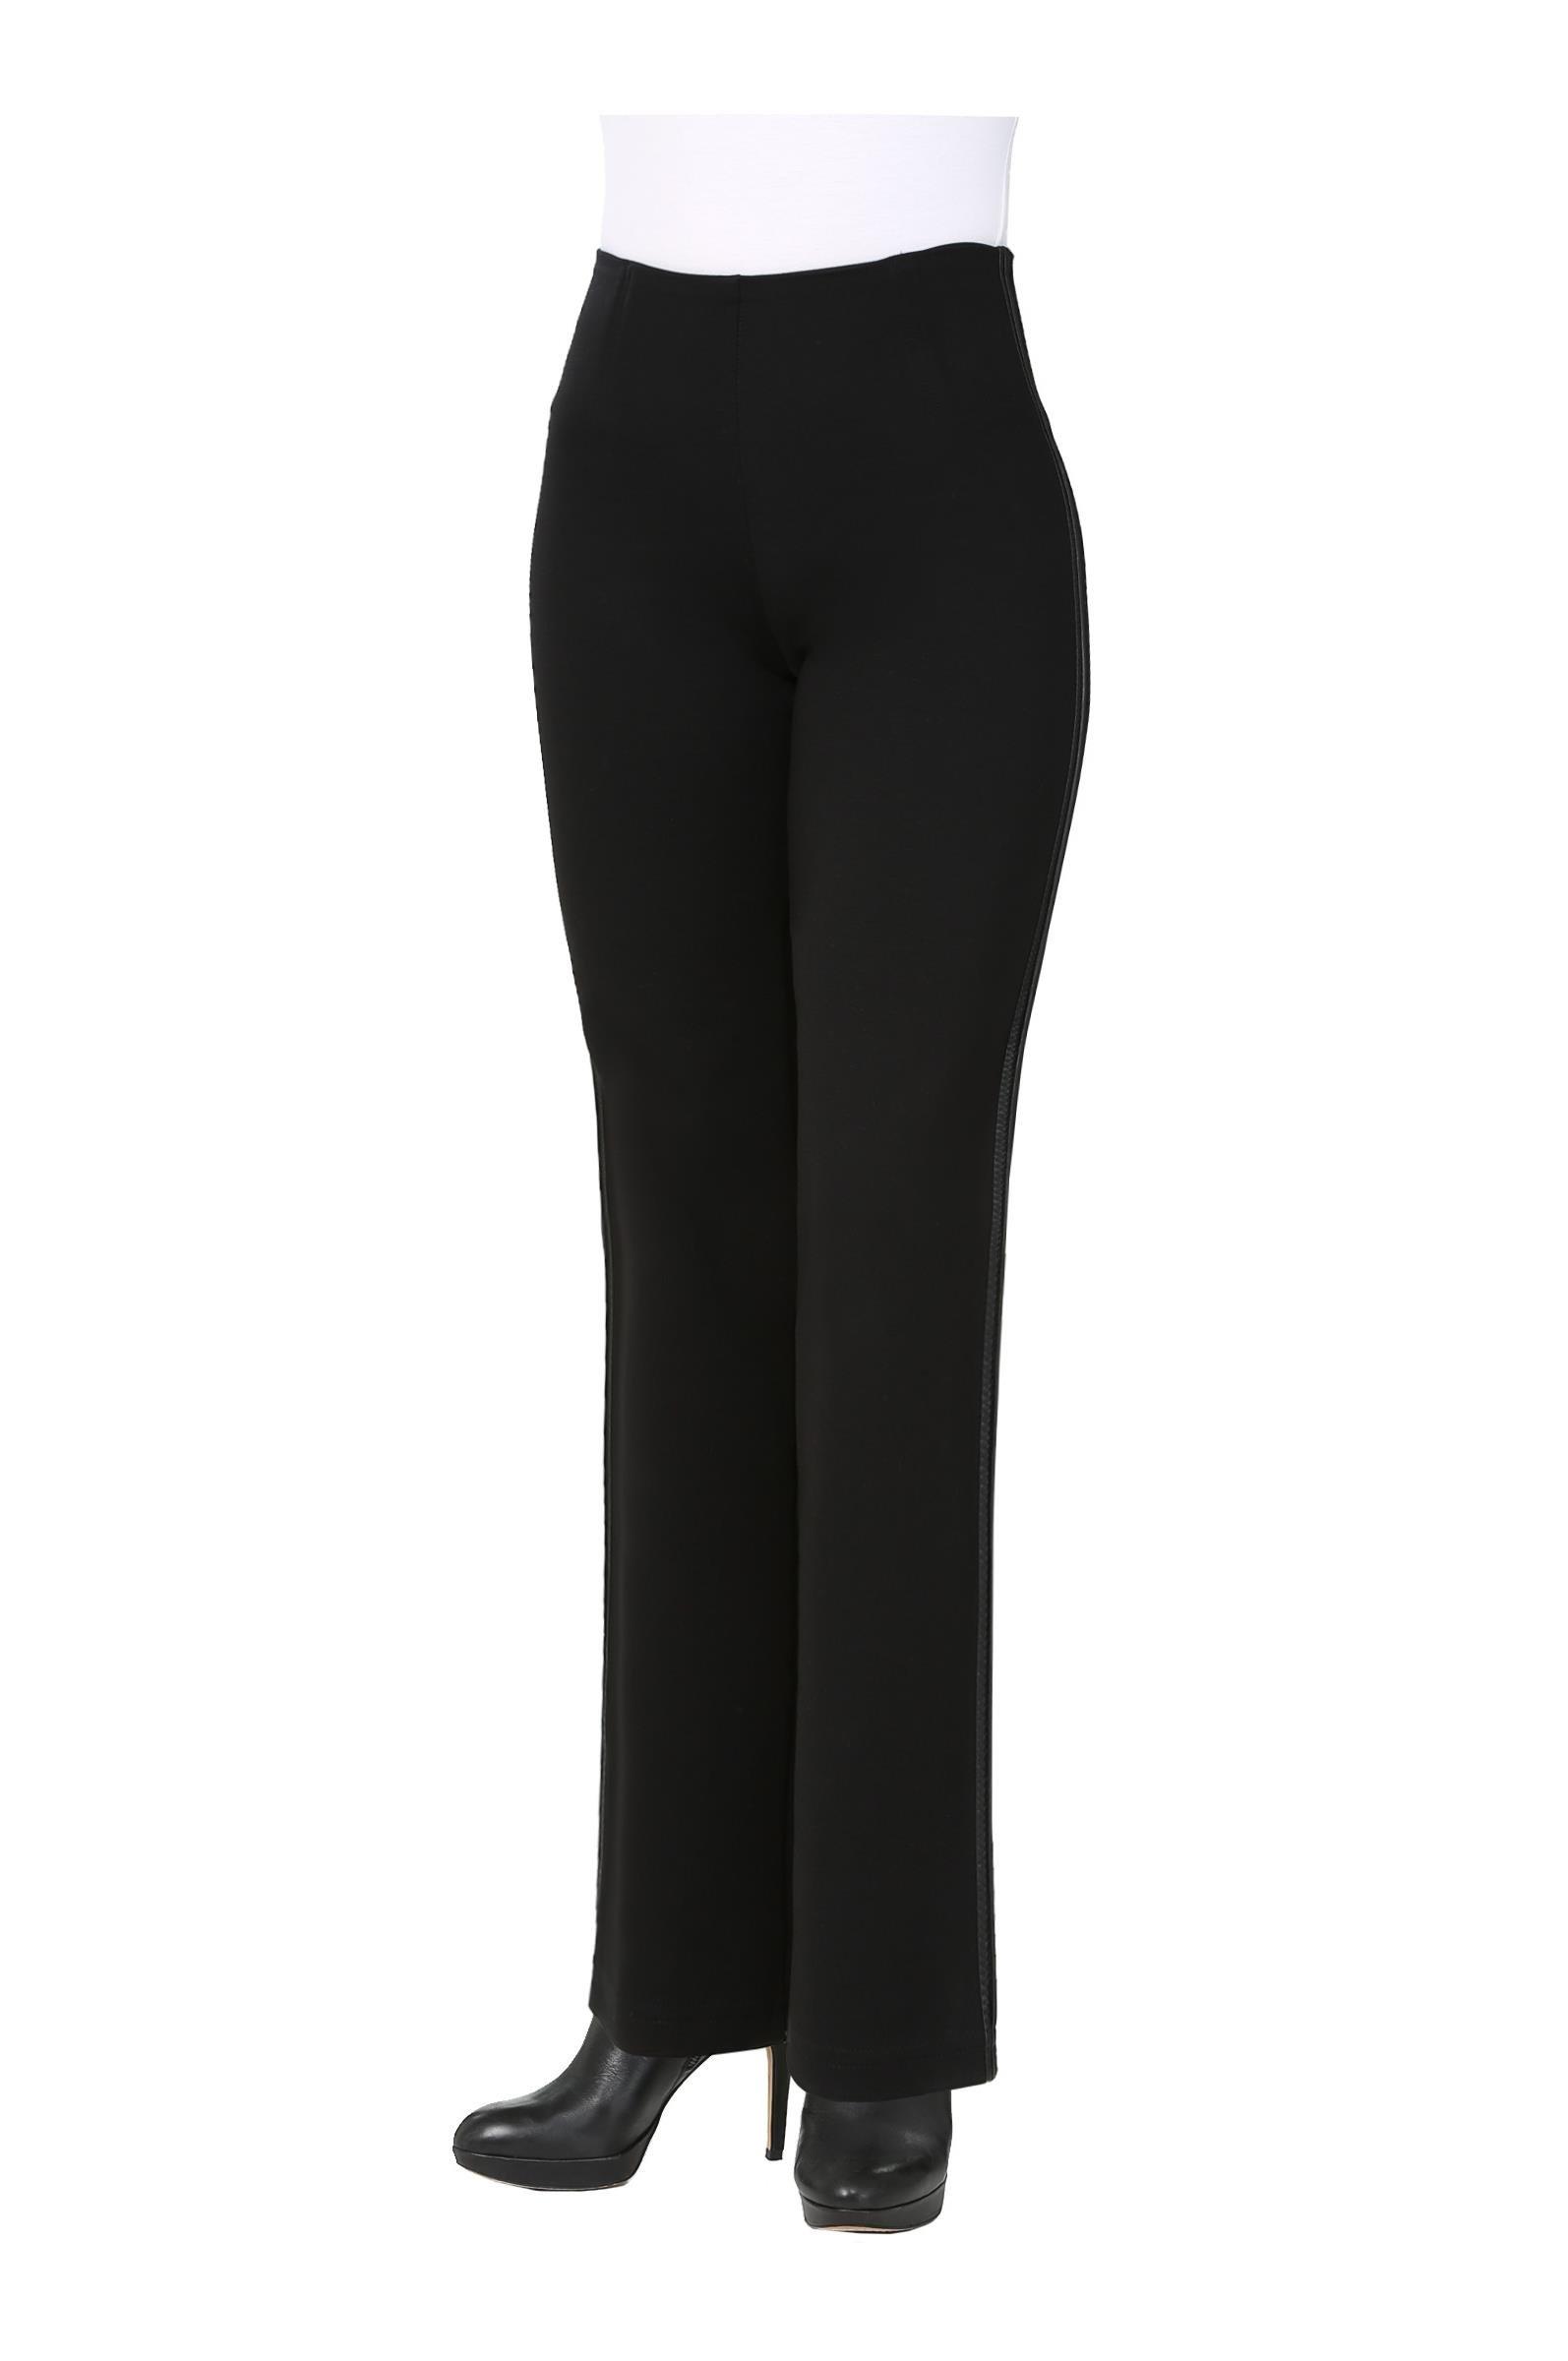 Nygard Women's Petite Slims 3.5 Straight Tuxedo Black